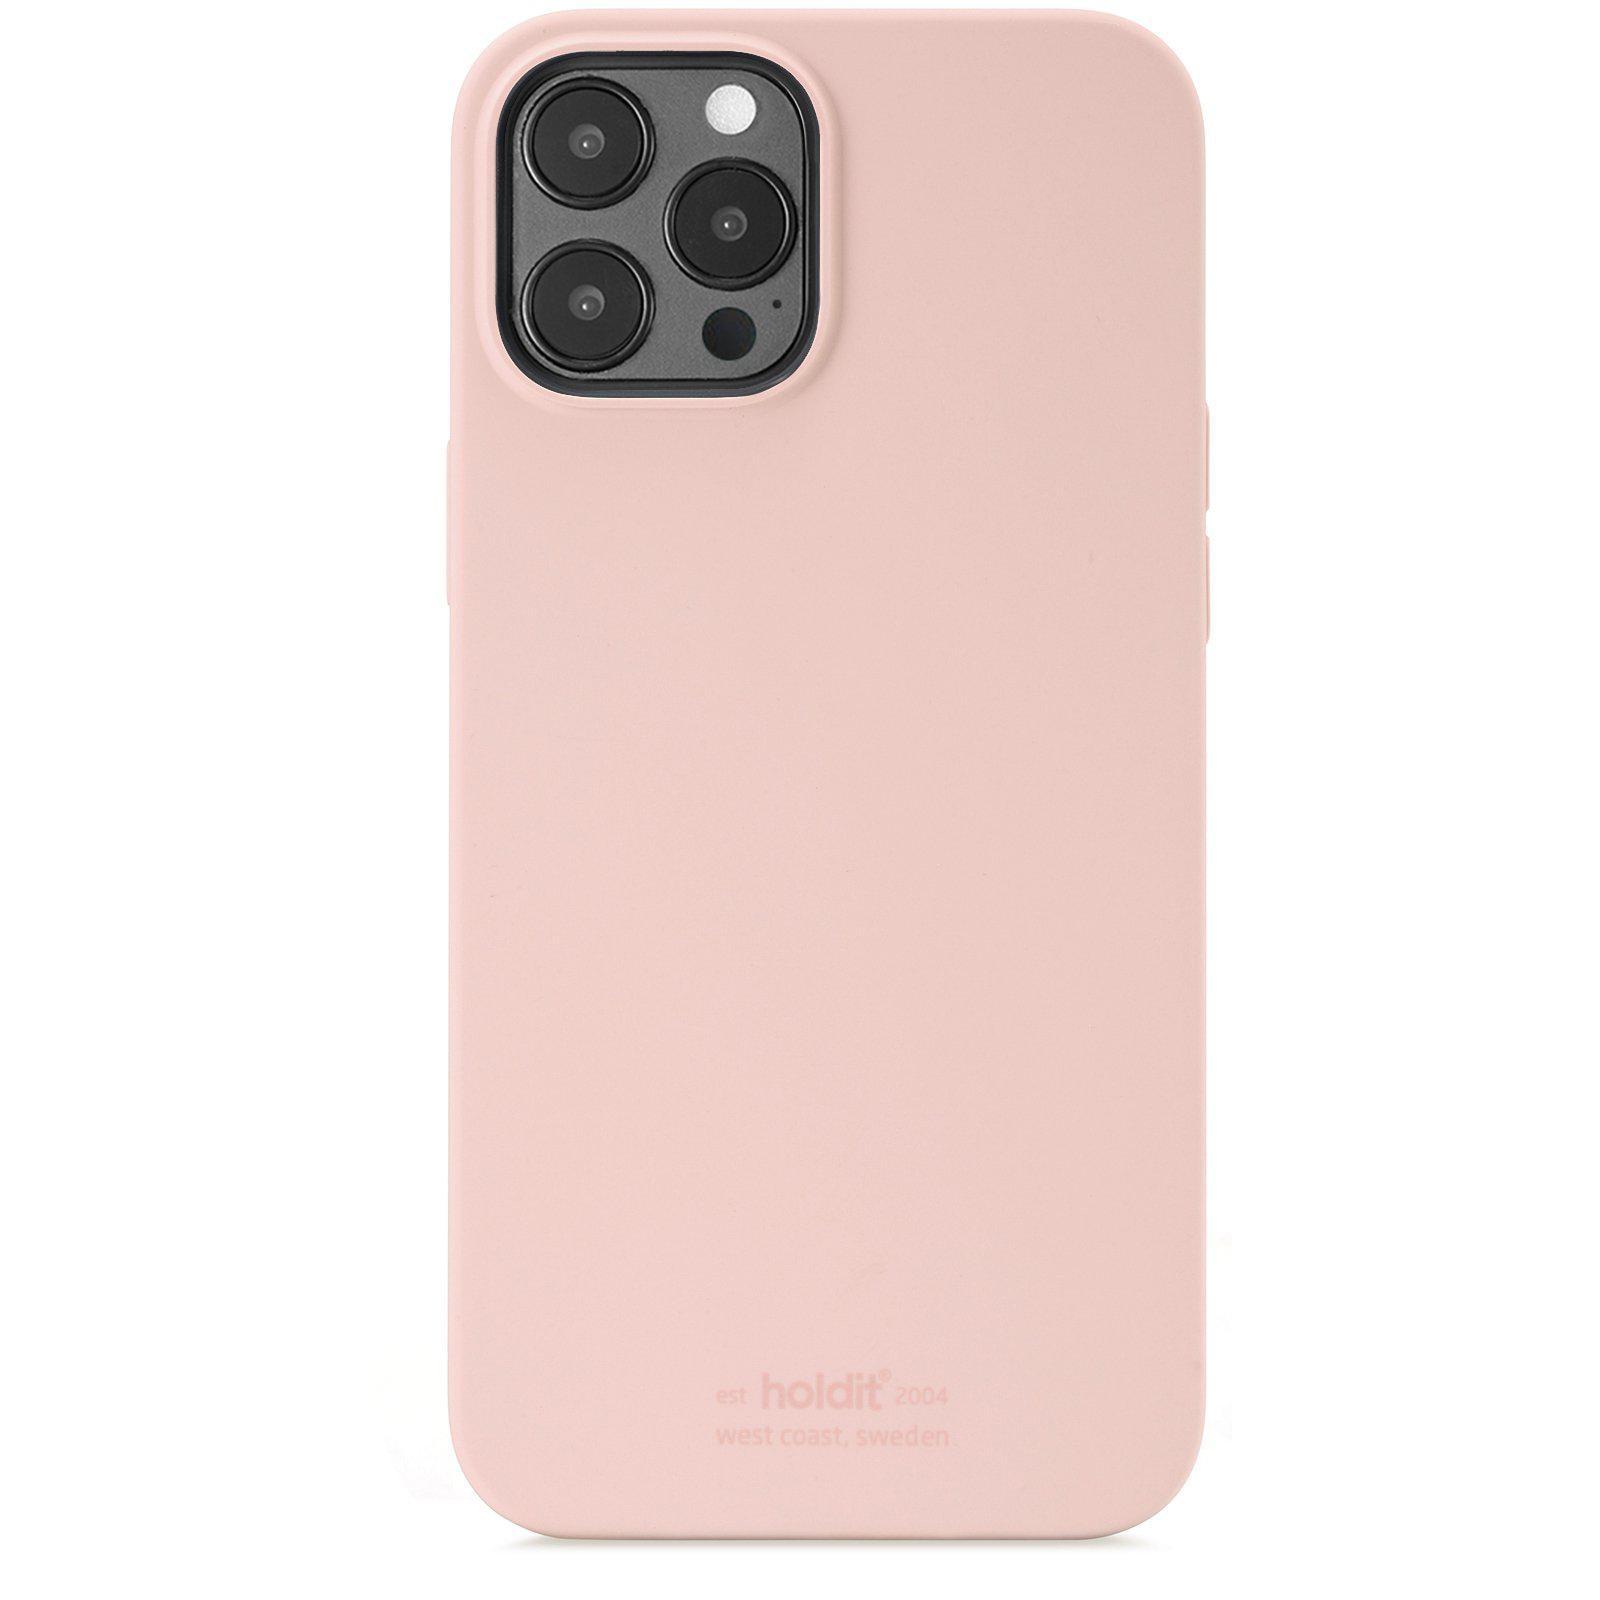 Silikonskal iPhone 12 Pro Max Blush Pink